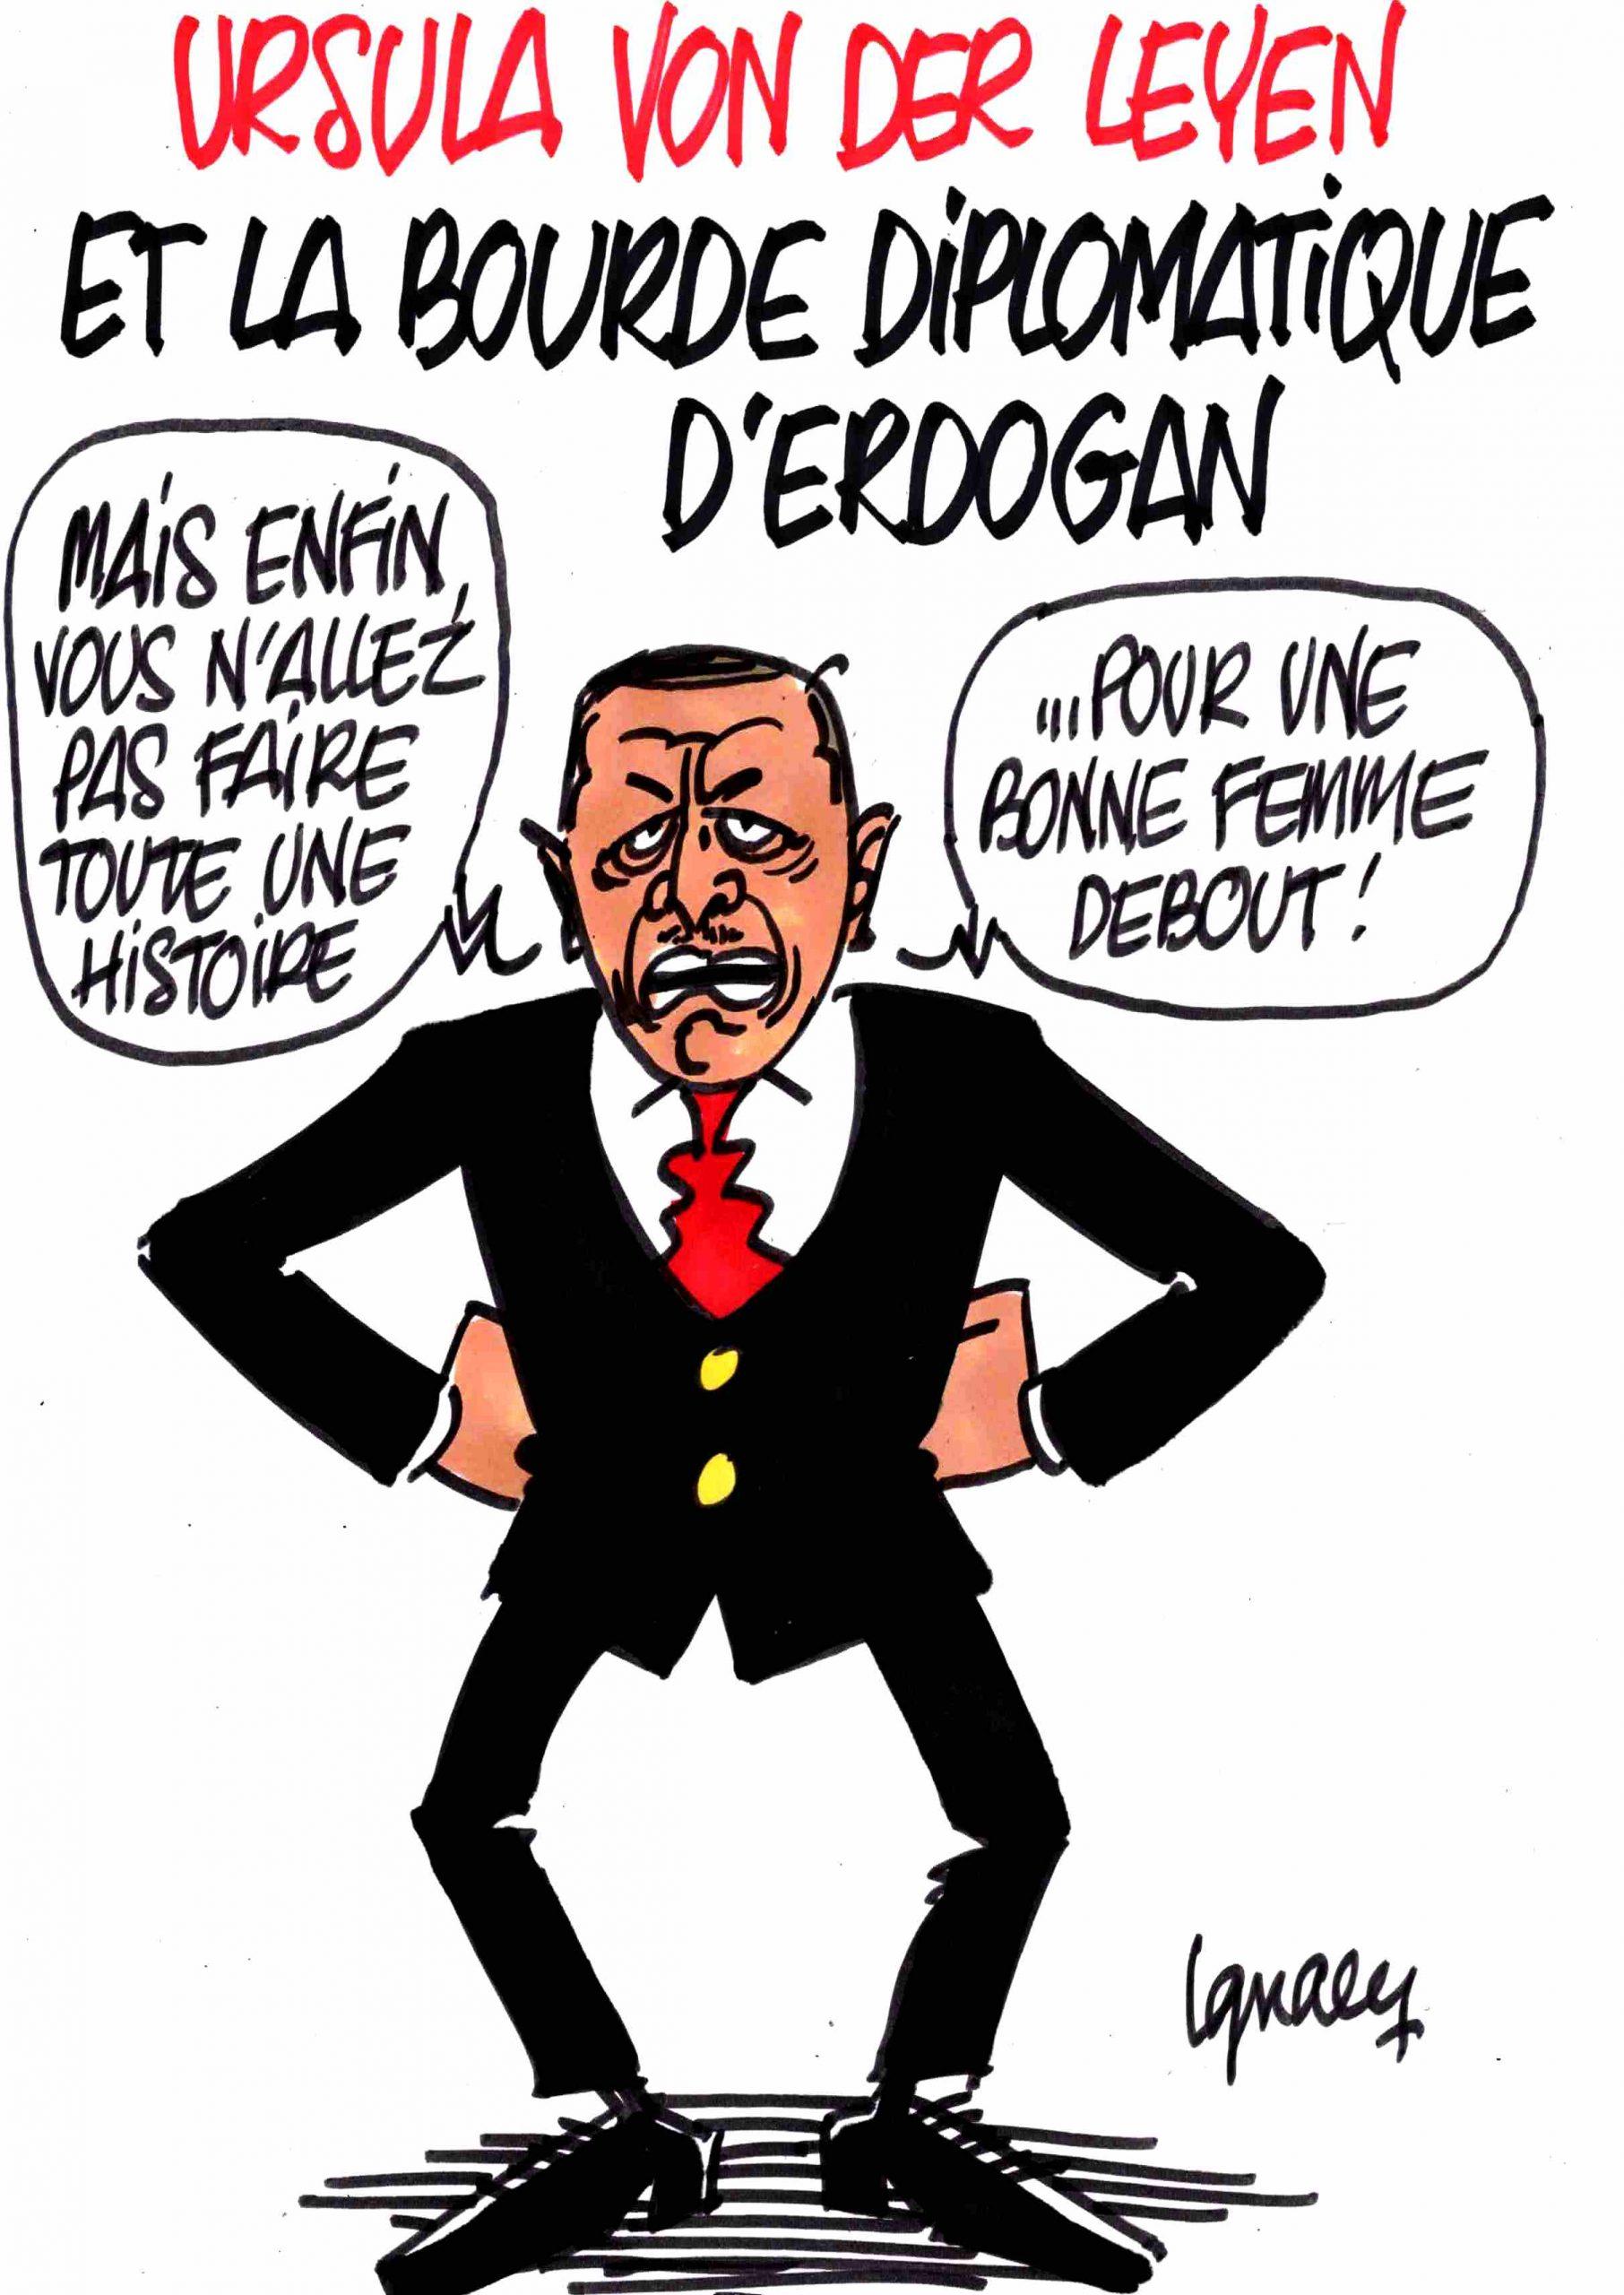 Ignace - Pas de siège pour Van Der Leyen